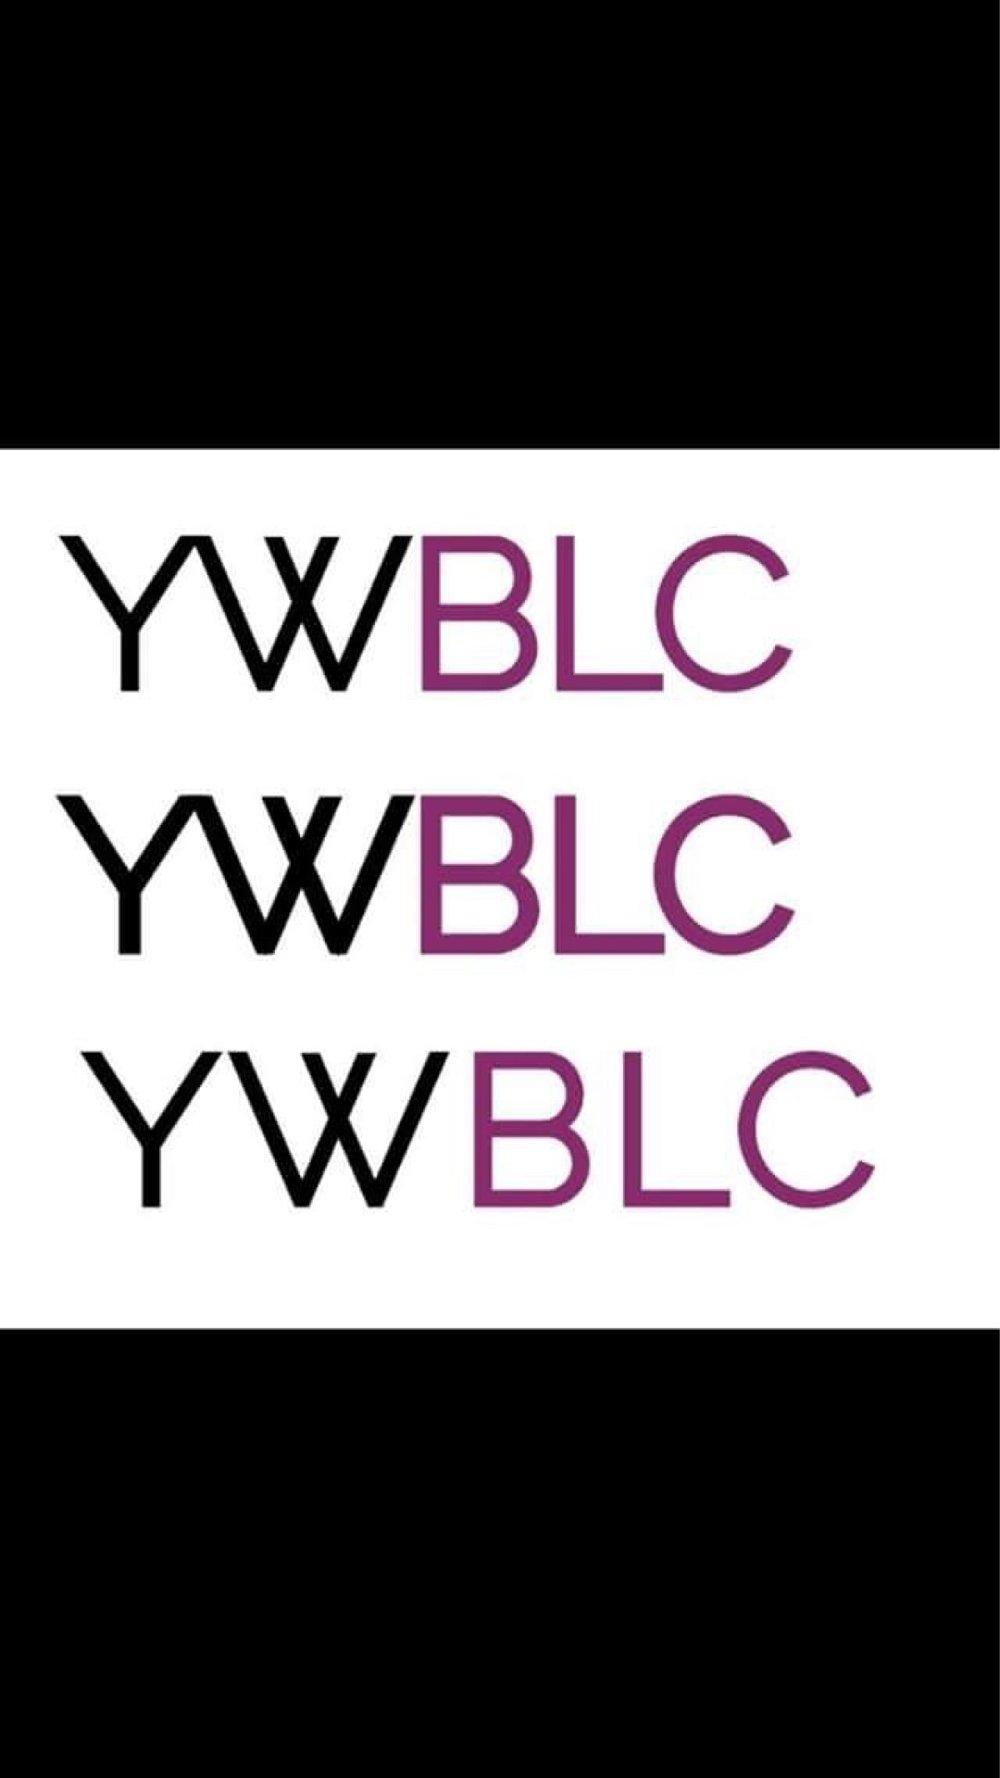 YWBLC logos.jpeg